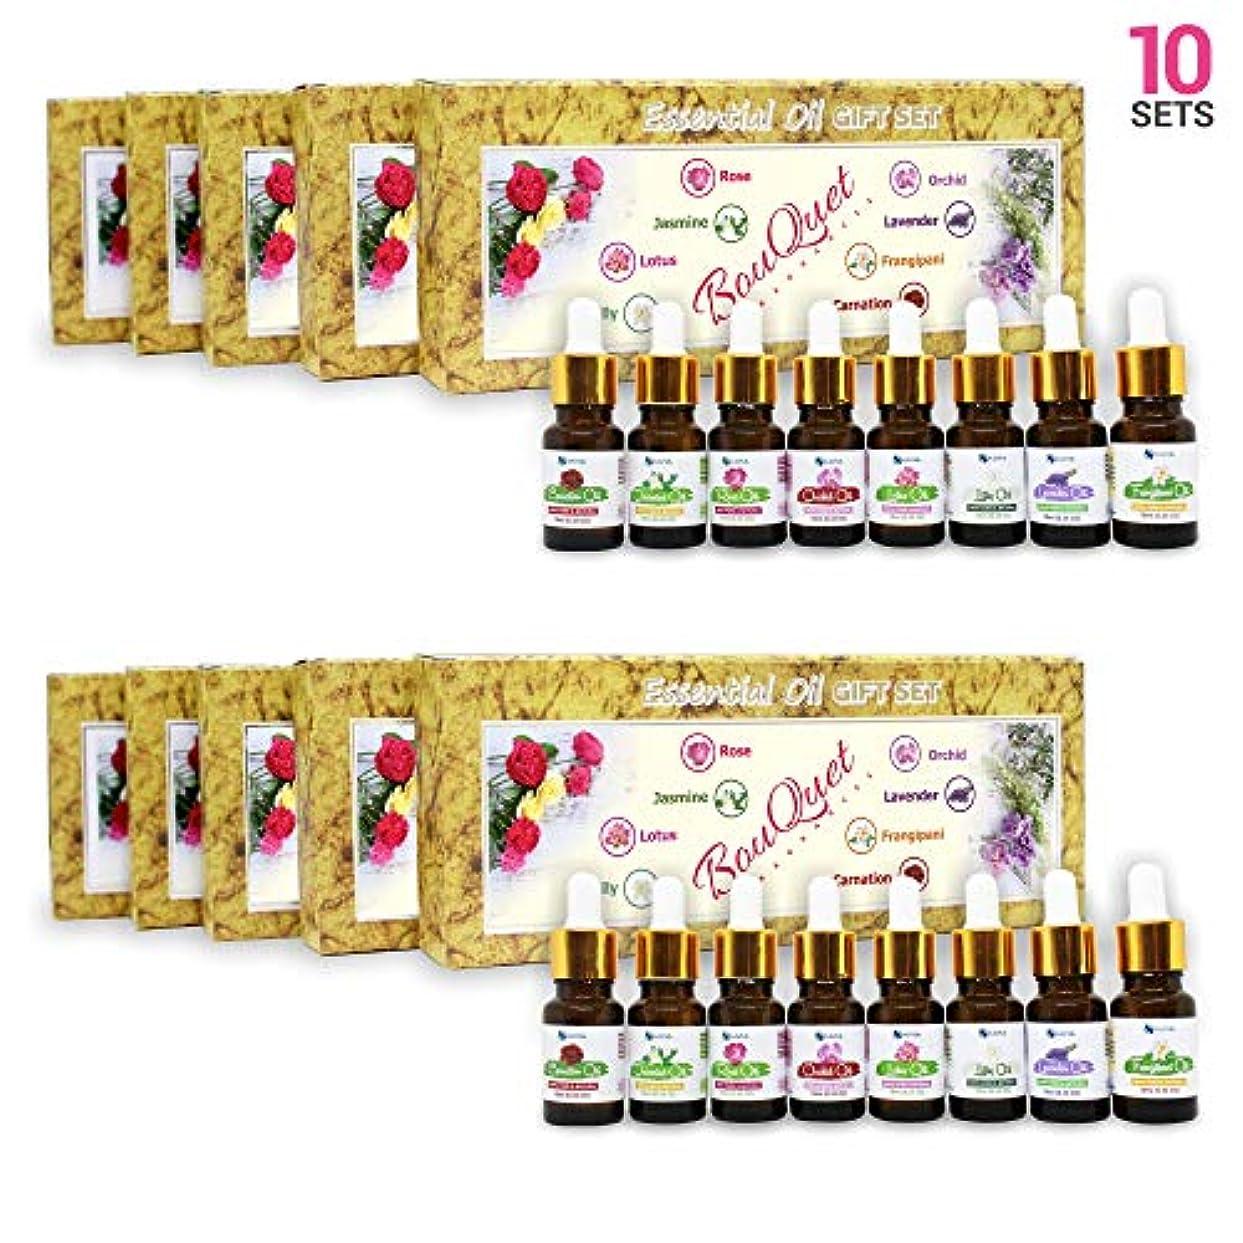 下宇宙飛行士プレビスサイトAromatherapy Fragrance Oils (Set of 10) - 100% Natural Therapeutic Essential Oils, 10ml each (Rose, Jasmine, Lotus...